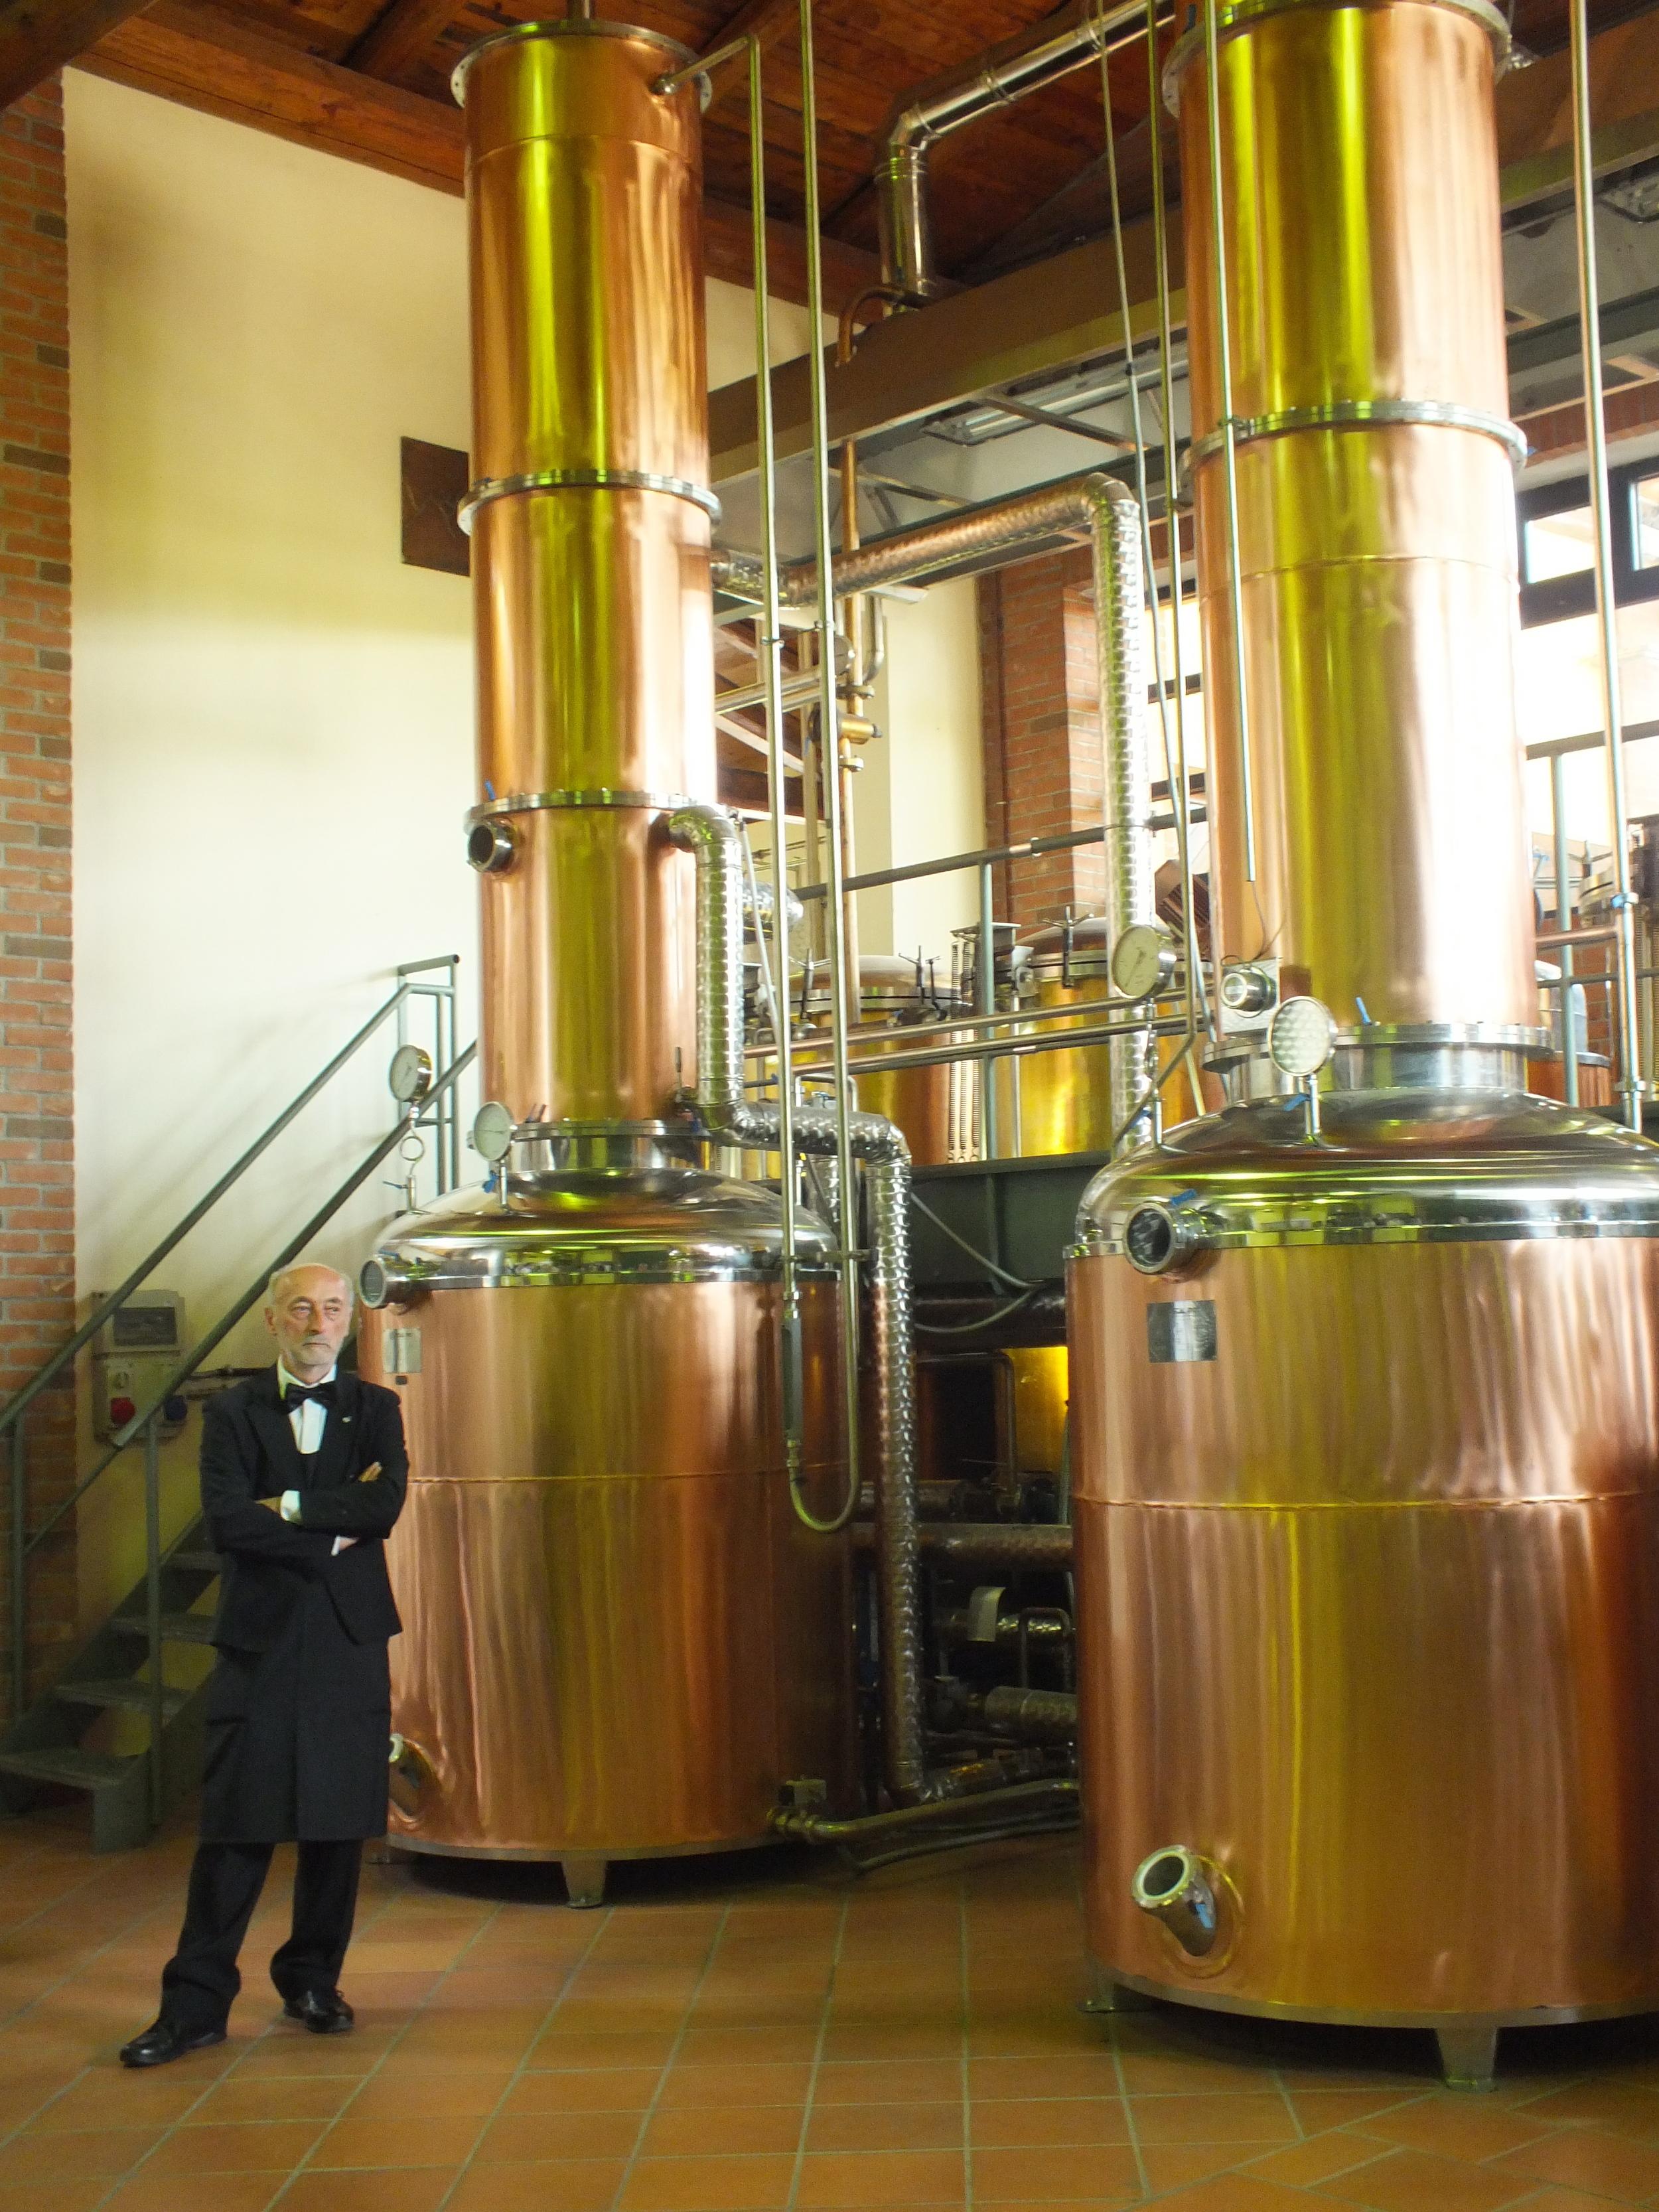 Touring the facilities at Berta Distillery of Grapa